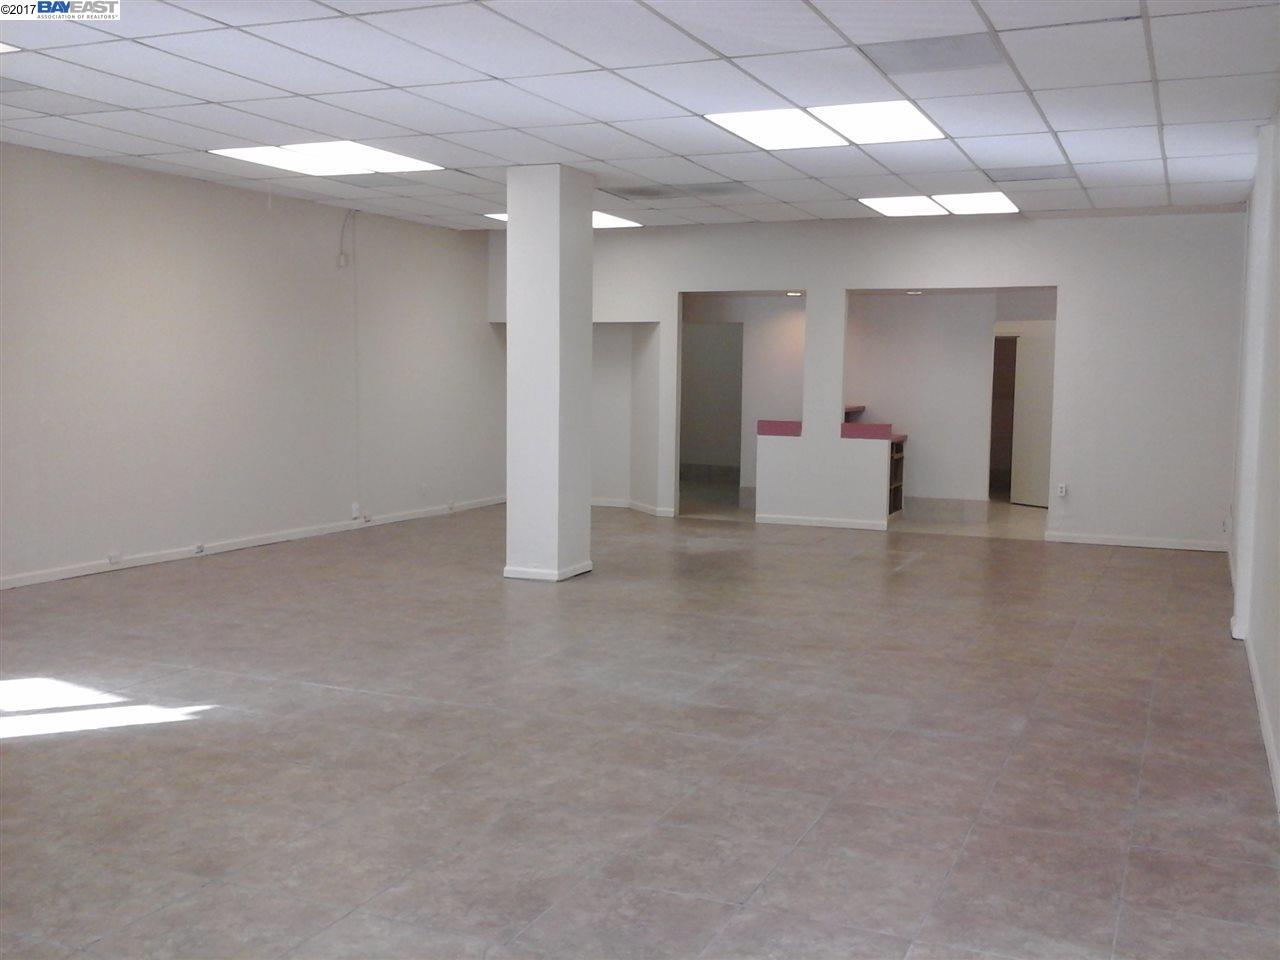 Частный односемейный дом для того Аренда на 22620 Foothill Blvd. Hayward, Калифорния 94541 Соединенные Штаты